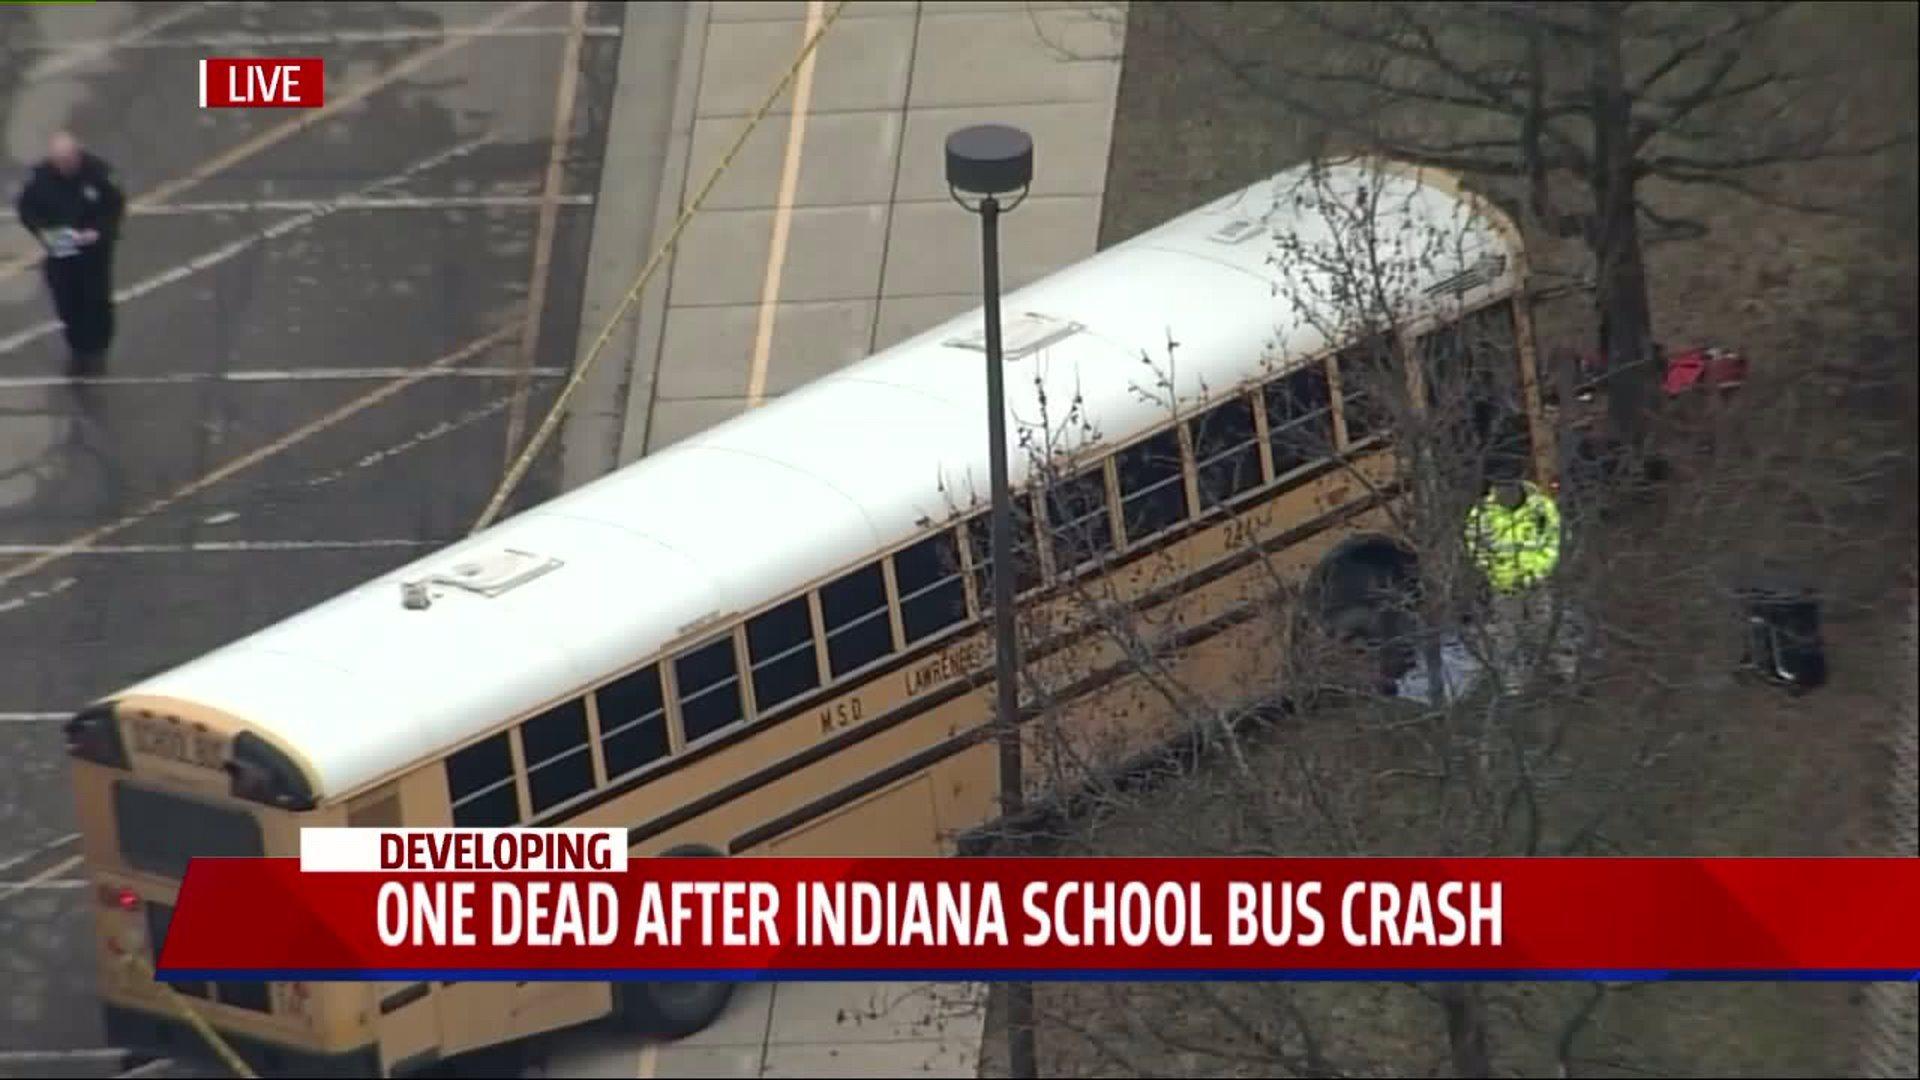 Hiệu trưởng bị xe bus đâm chết khi cứu học sinh ở Indiana, Mỹ 2